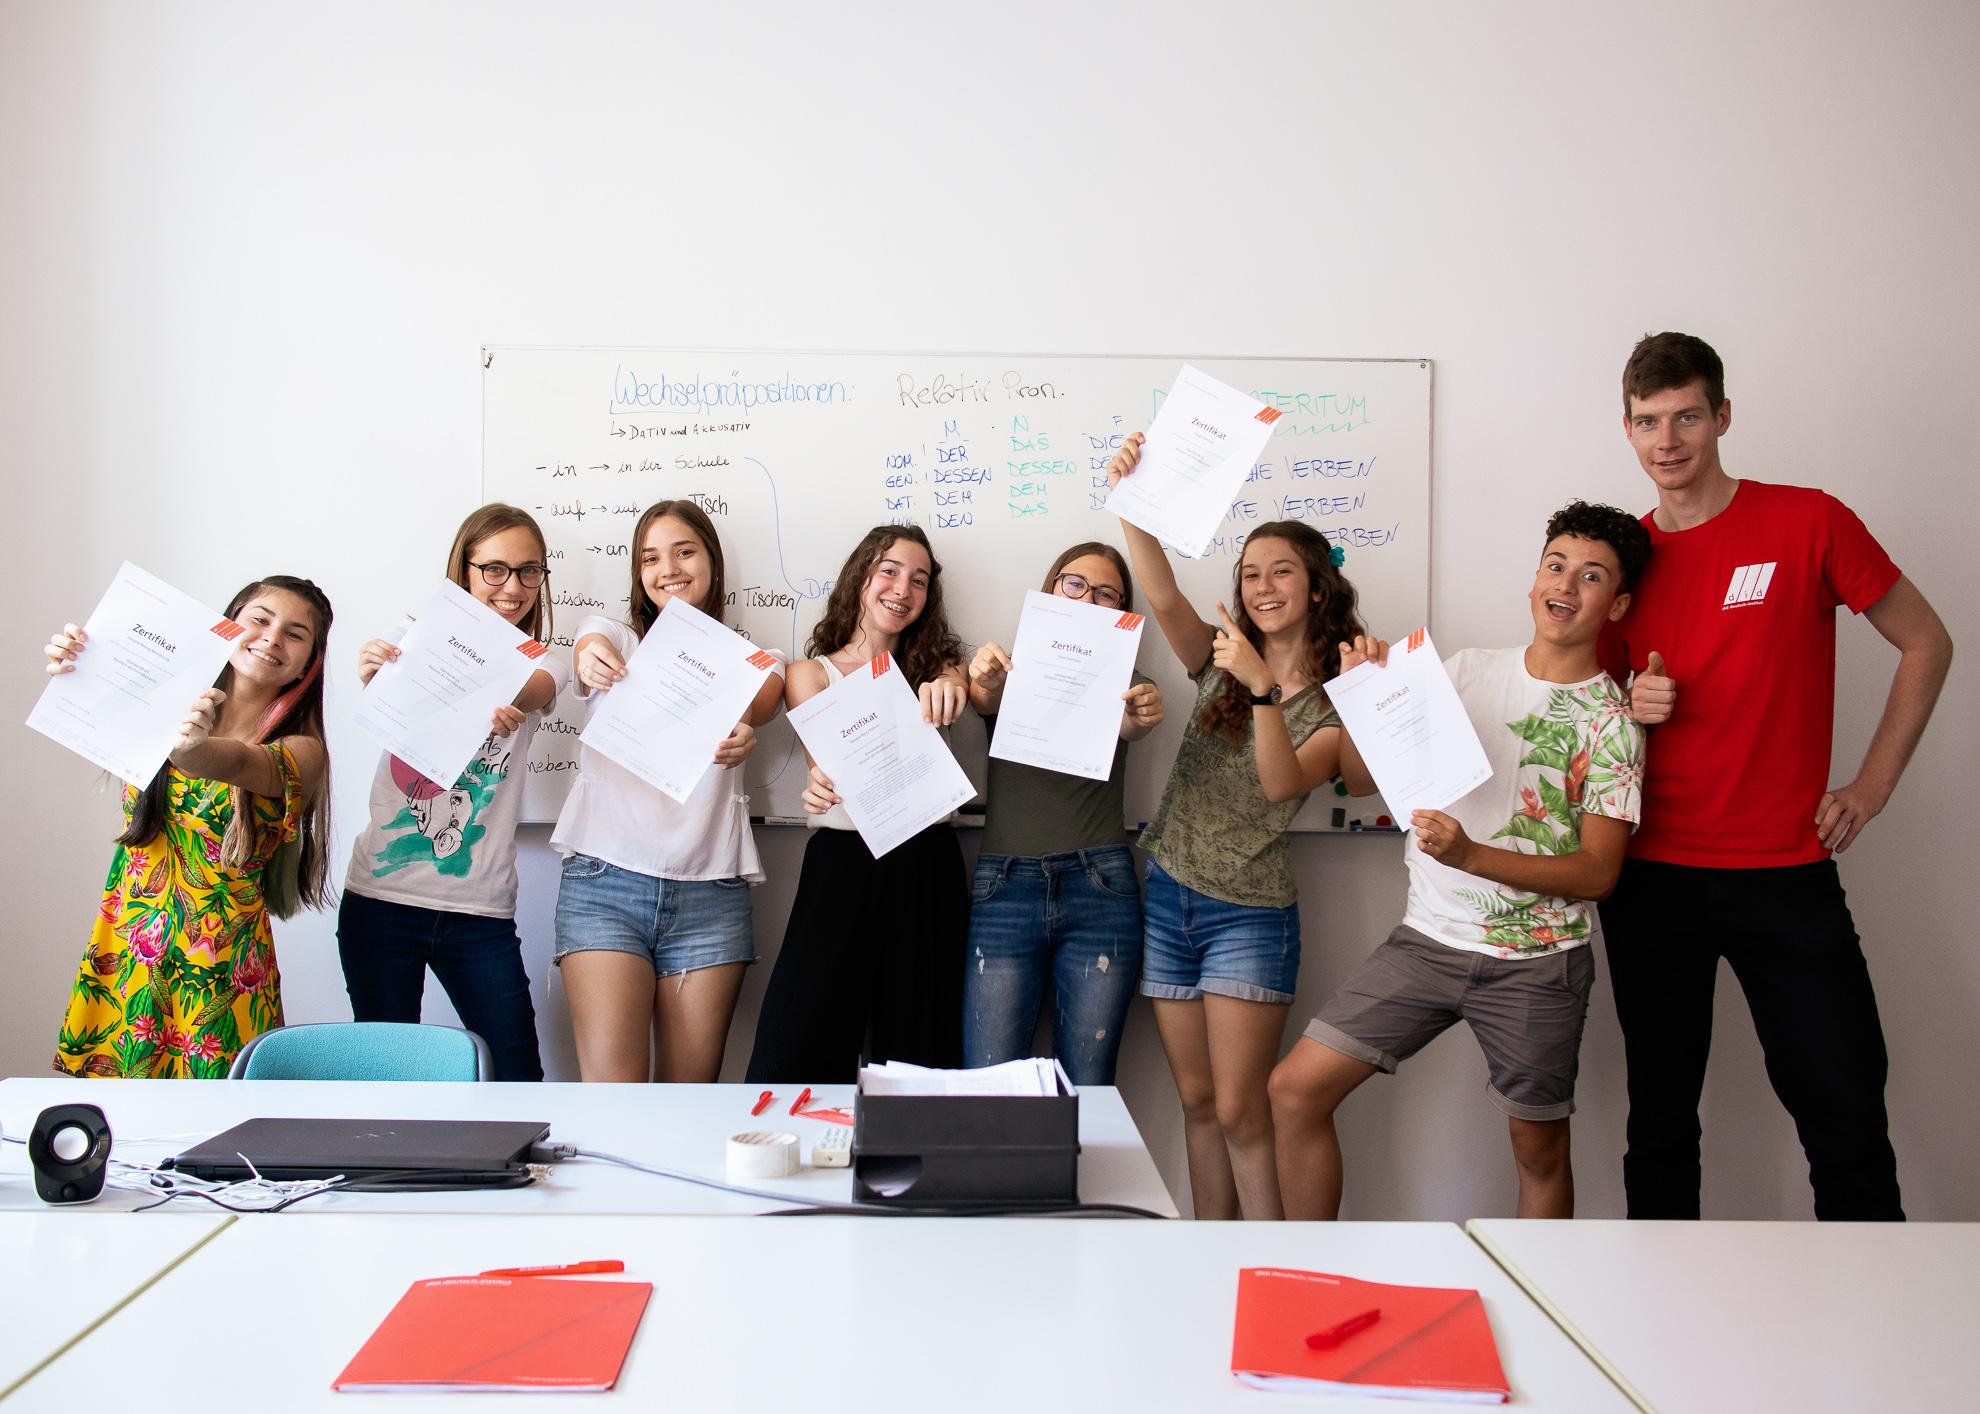 Студенты DID, Nuremberg